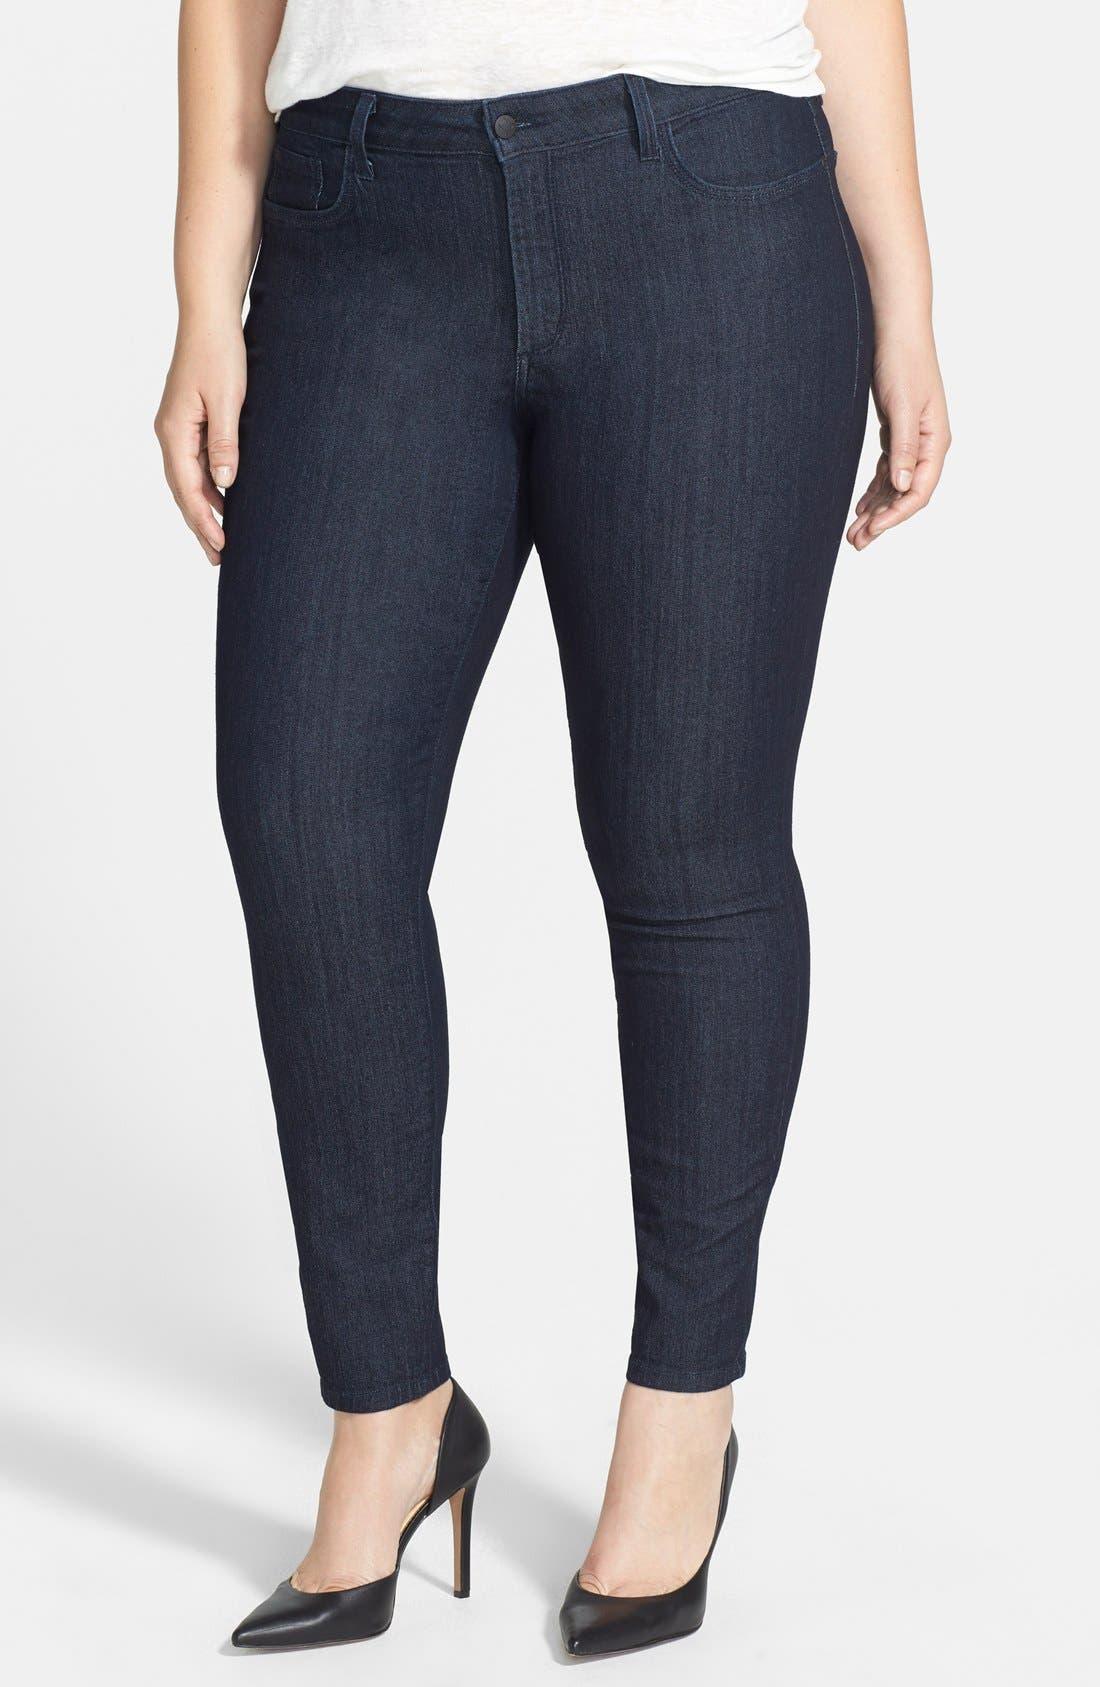 Main Image - NYDJ 'Ami' Tonal Stitch Stretch Skinny Jeans (Dark Enzyme) (Plus Size)